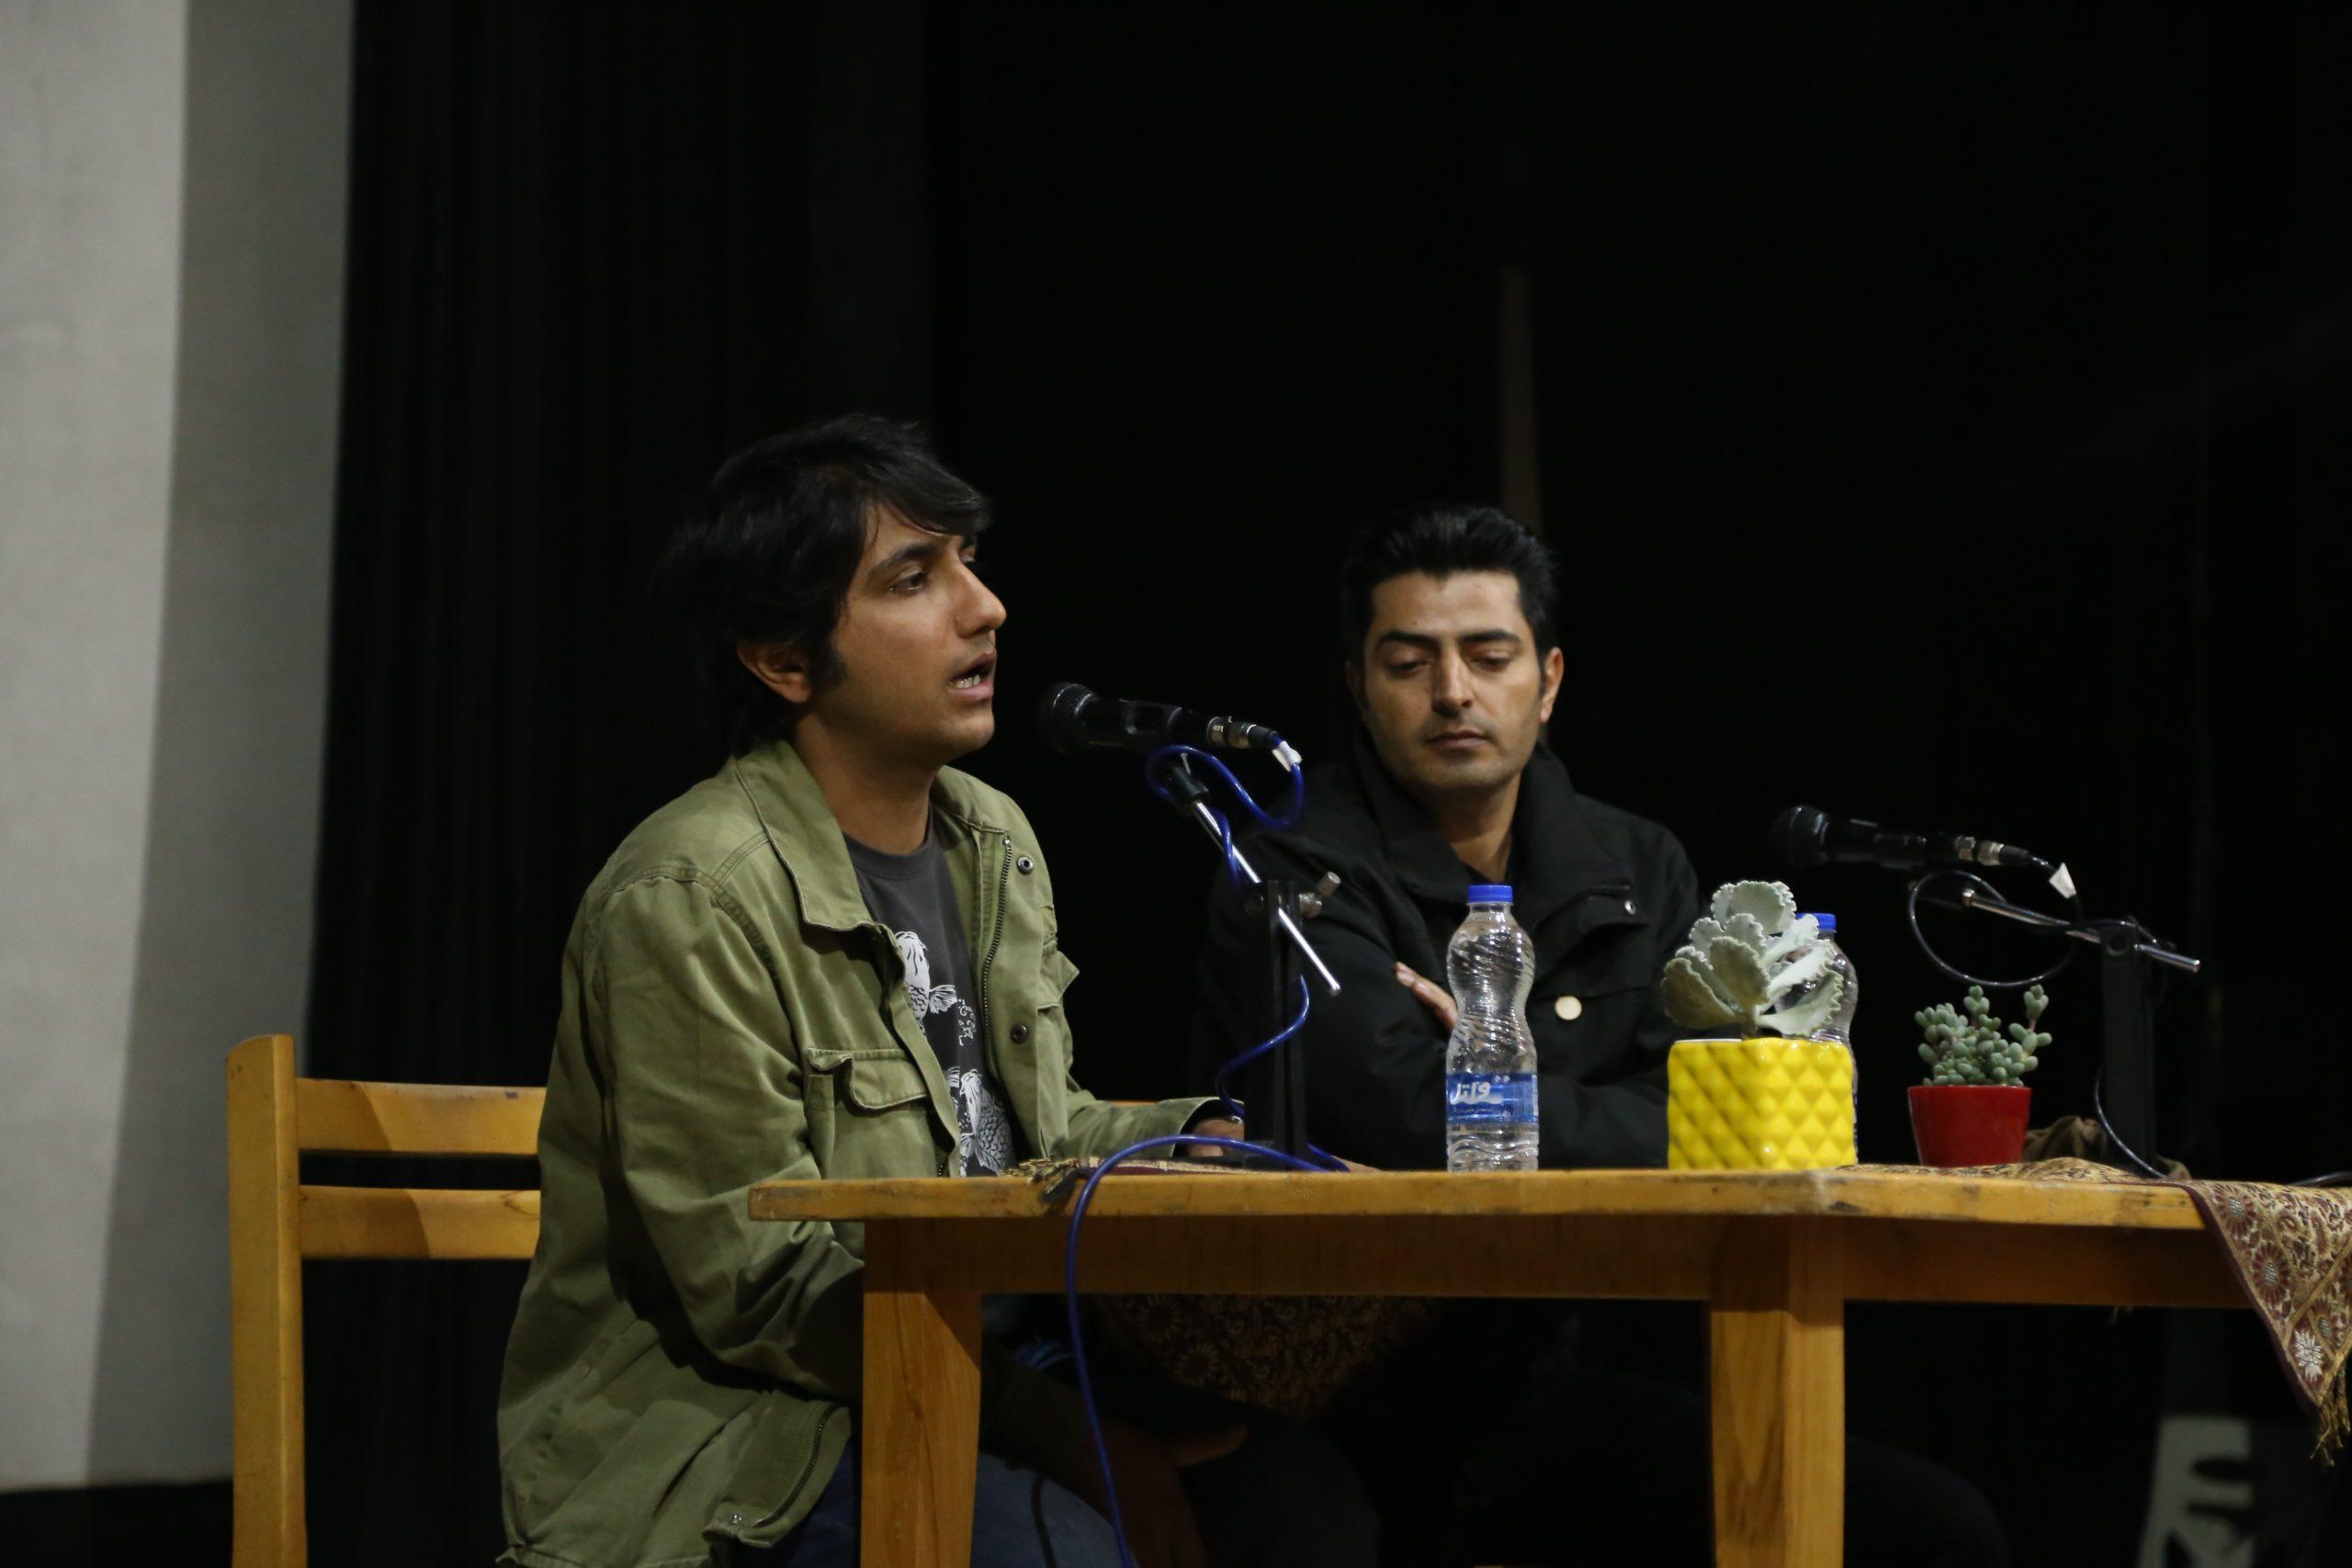 حضور پرشور علاقهمندان در جشنواره استانی قزوین